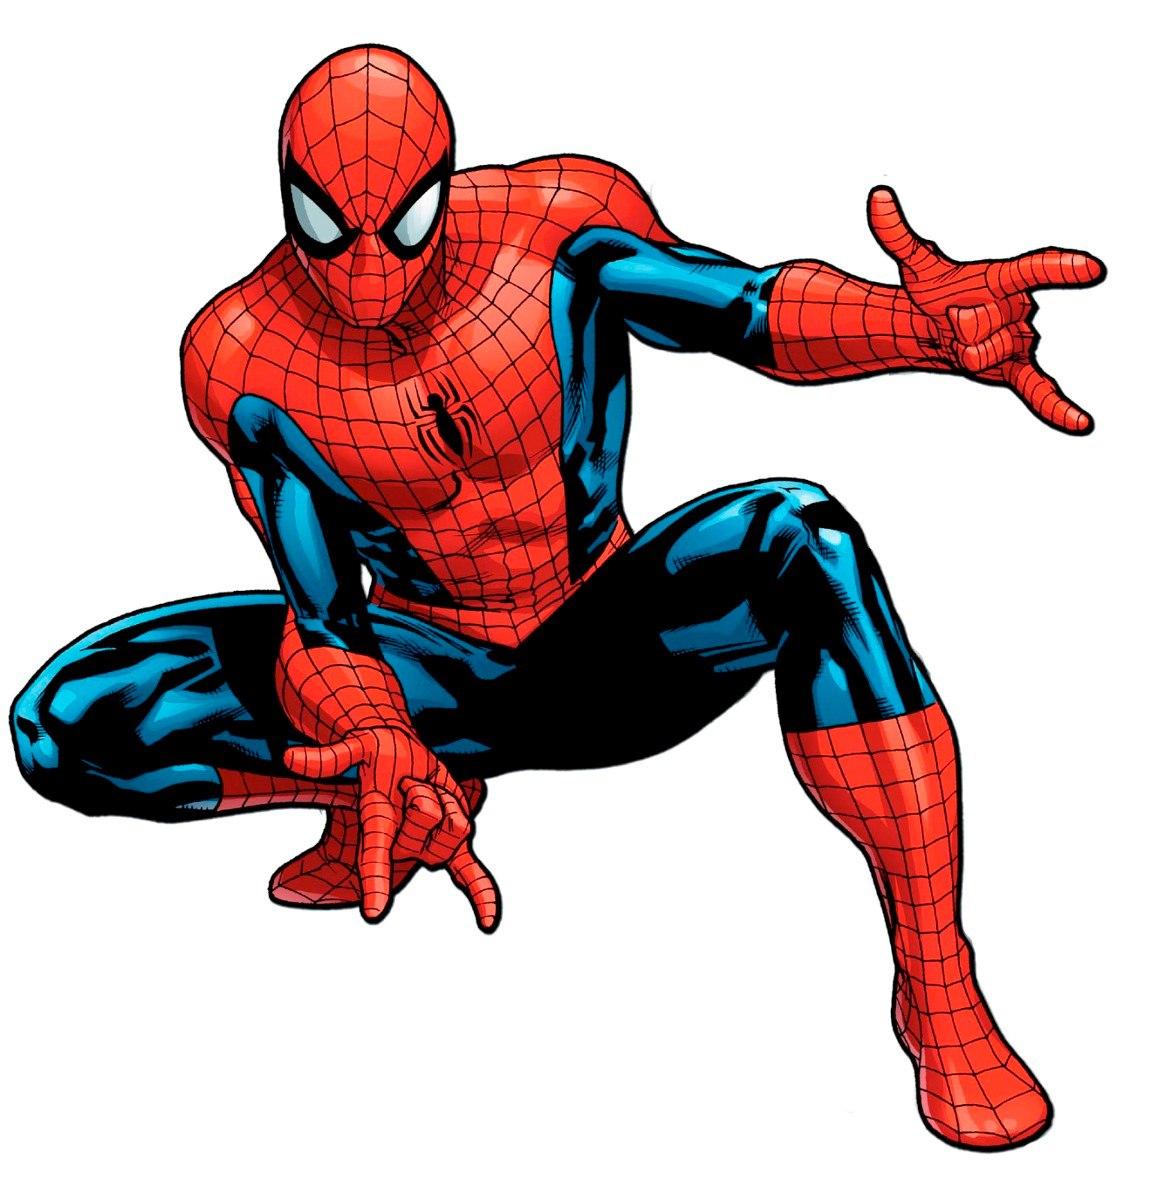 Homem aranha hist ria anima es filmes e mais revista - Images de spiderman ...